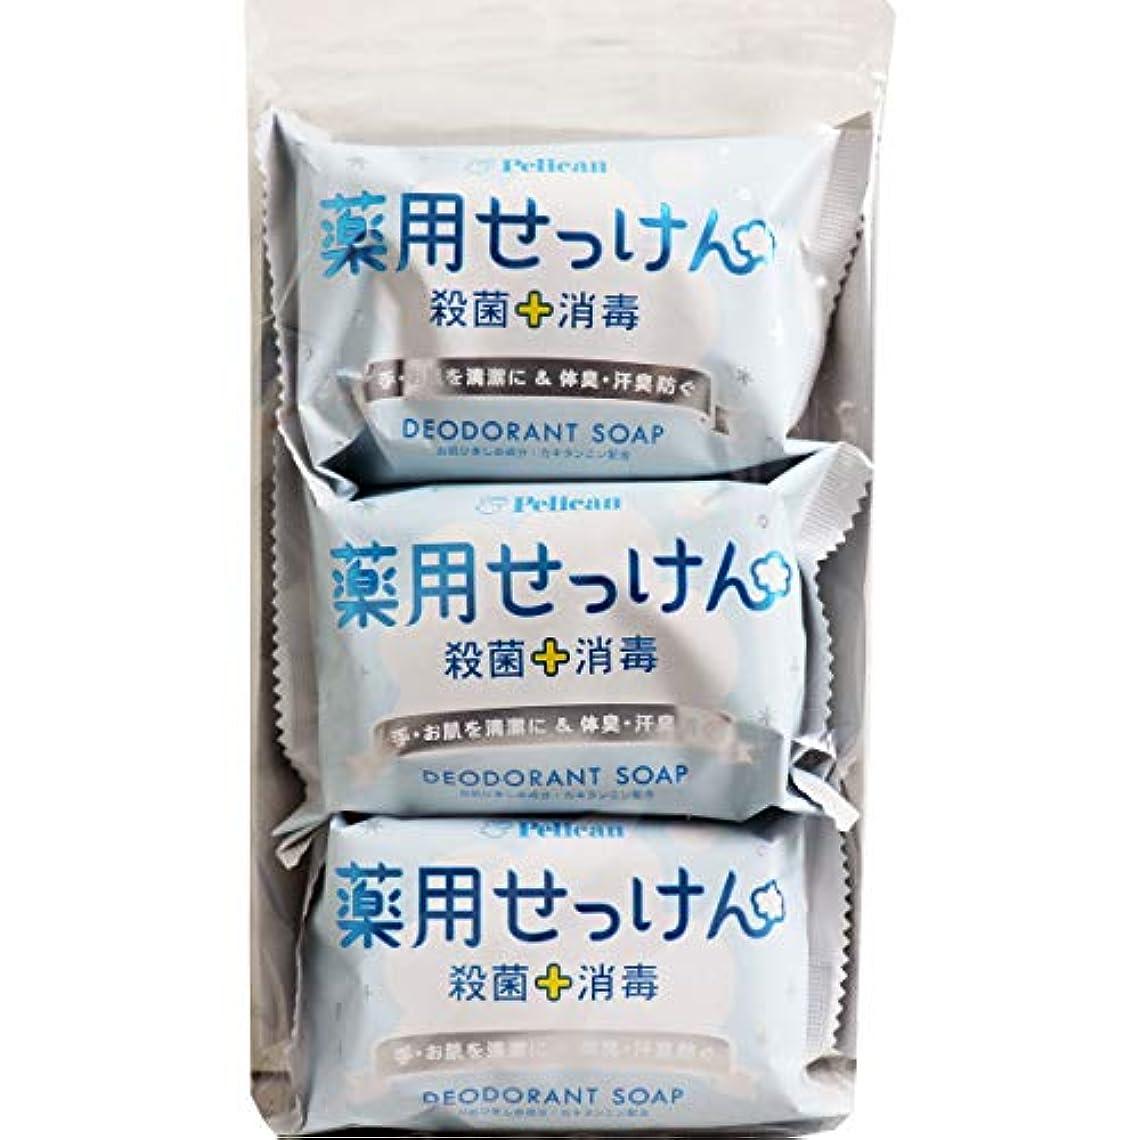 自我クーポン遺棄されたペリカン石鹸 薬用石けん 85g×3個×4パック